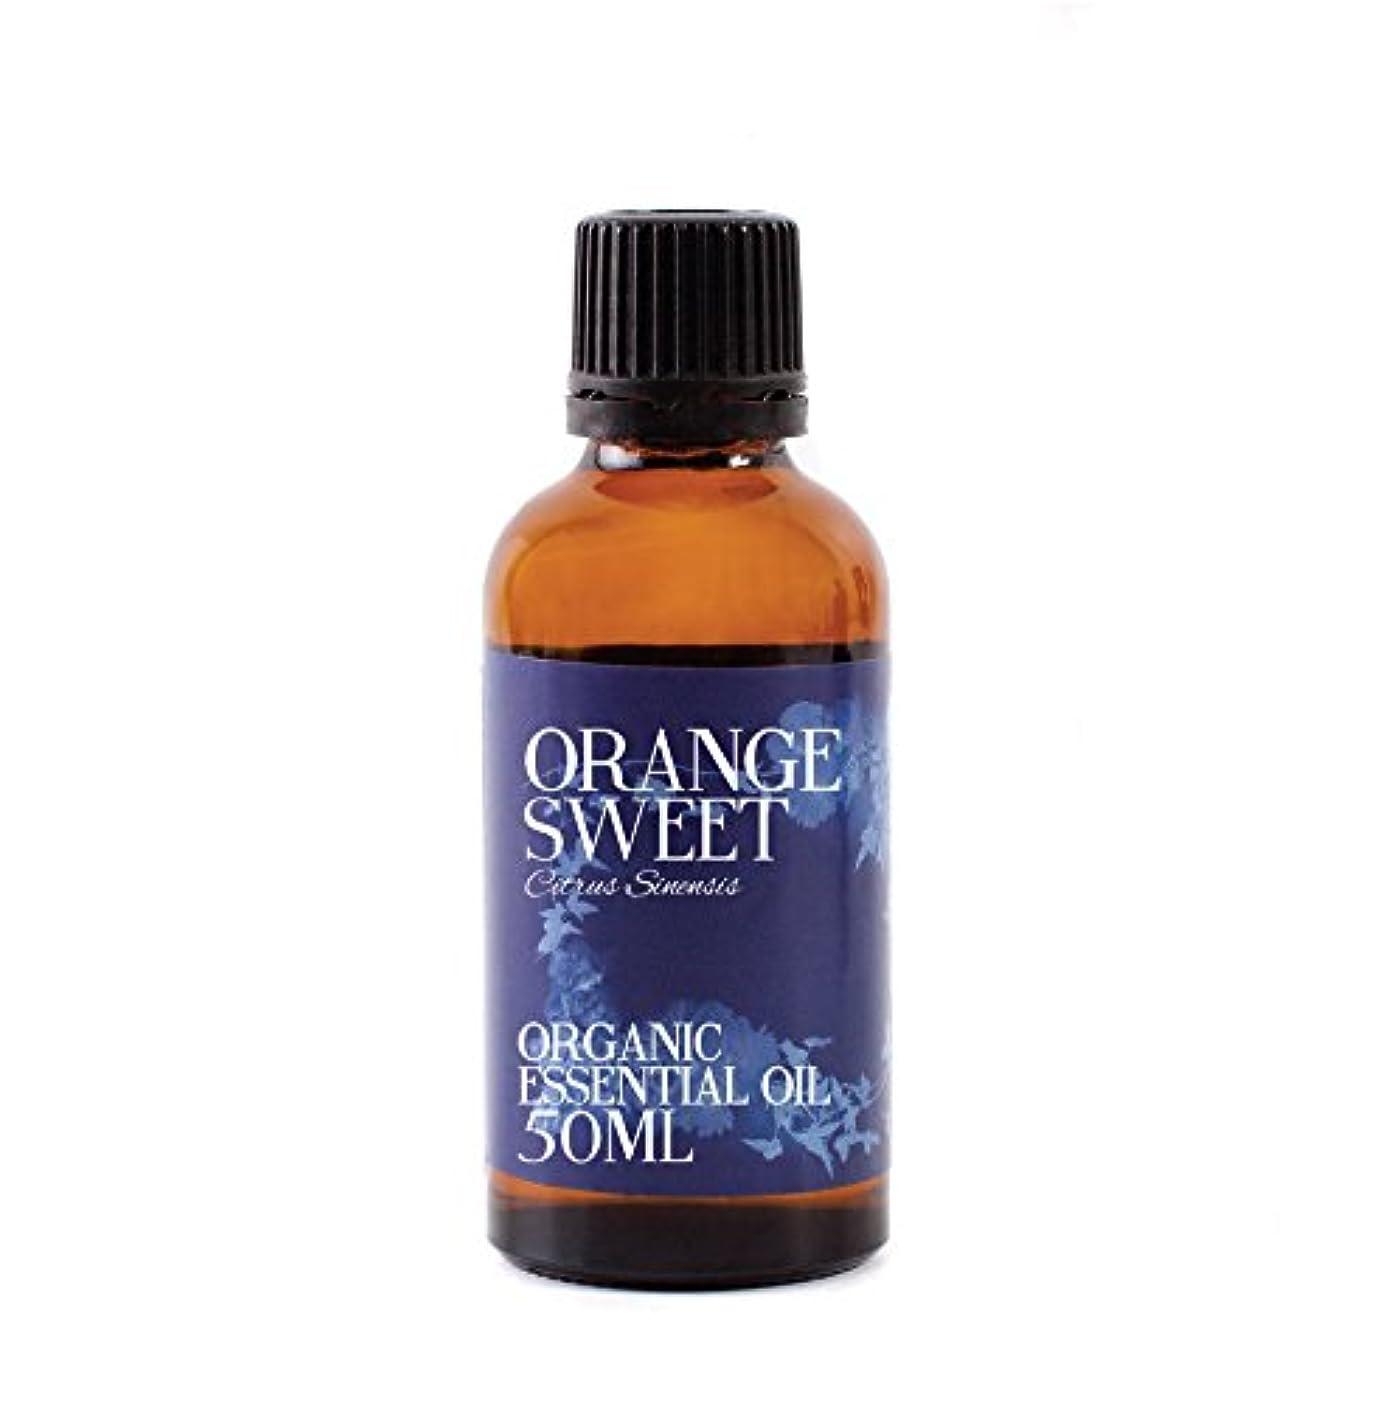 鋸歯状スケジュールカートリッジMystic Moments | Orange Sweet Organic Essential Oil - 50ml - 100% Pure